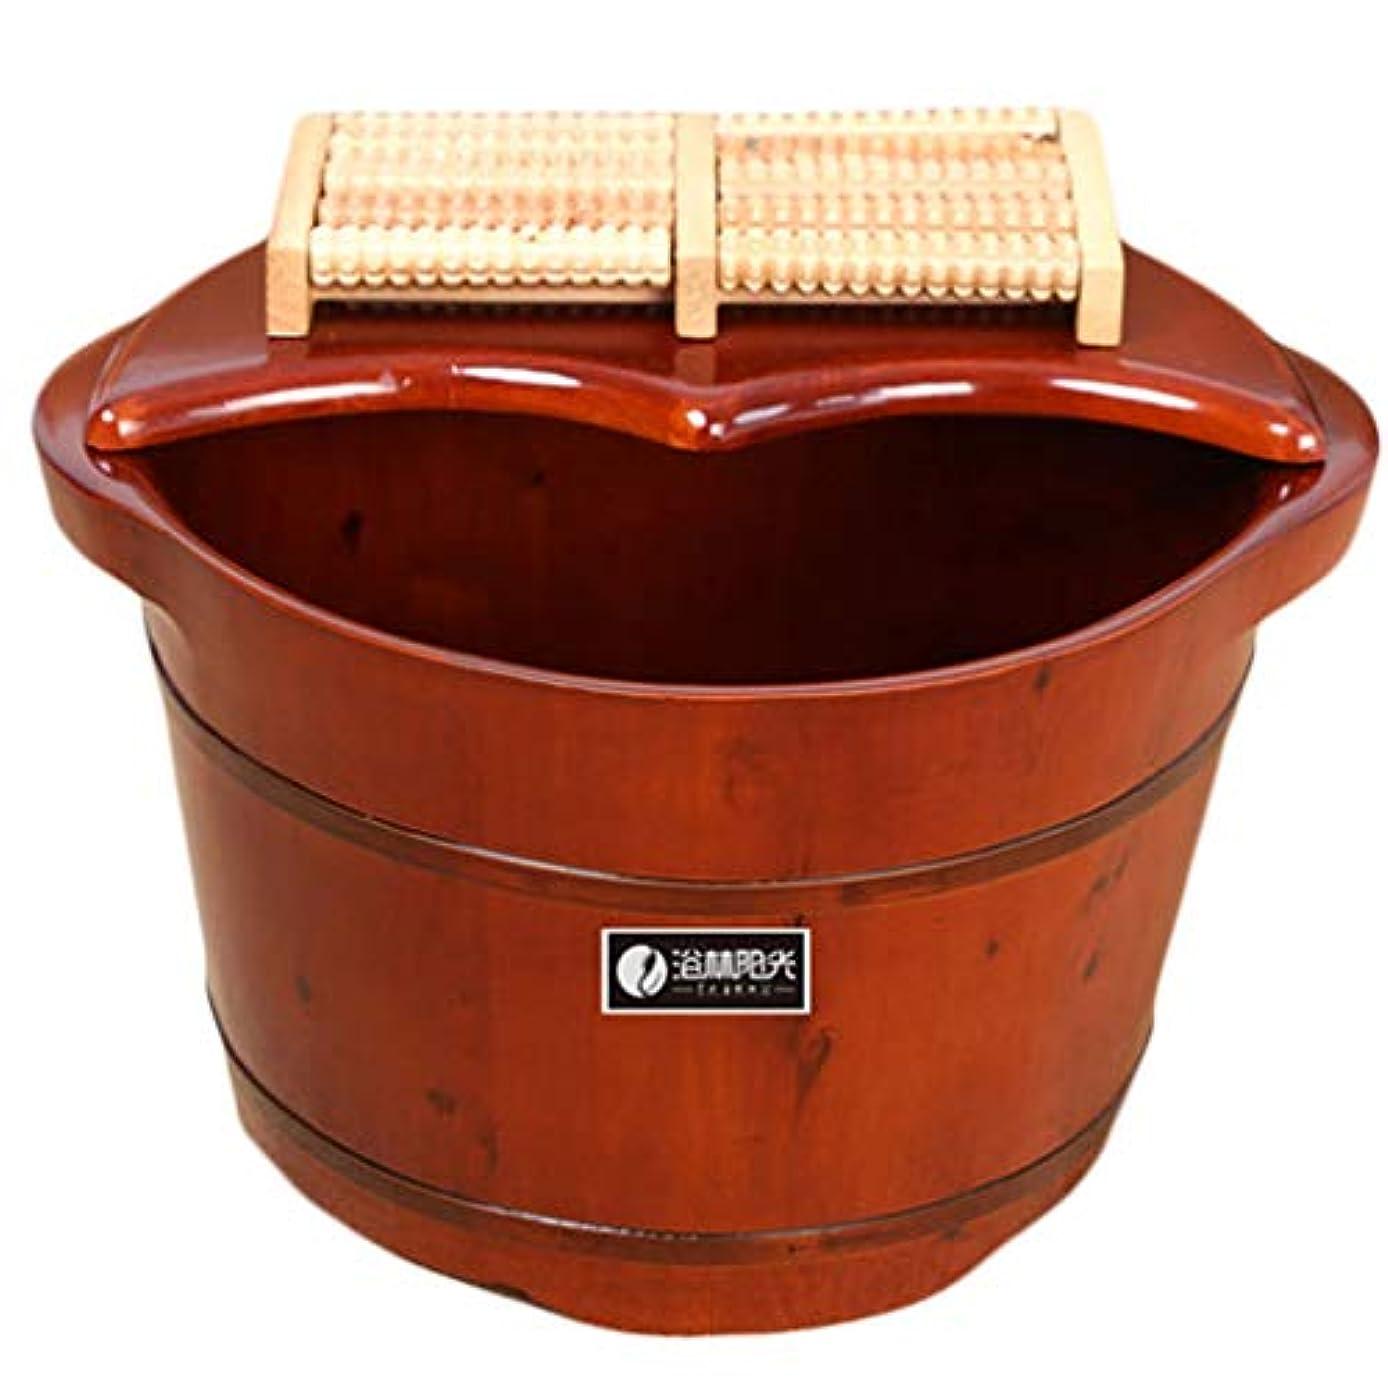 避ける脊椎書店マッサージFußbadekübel足浴注入バケット木製バケツペディキュアプールは、無垢材、家庭用足湯レッドウッドを緩和します